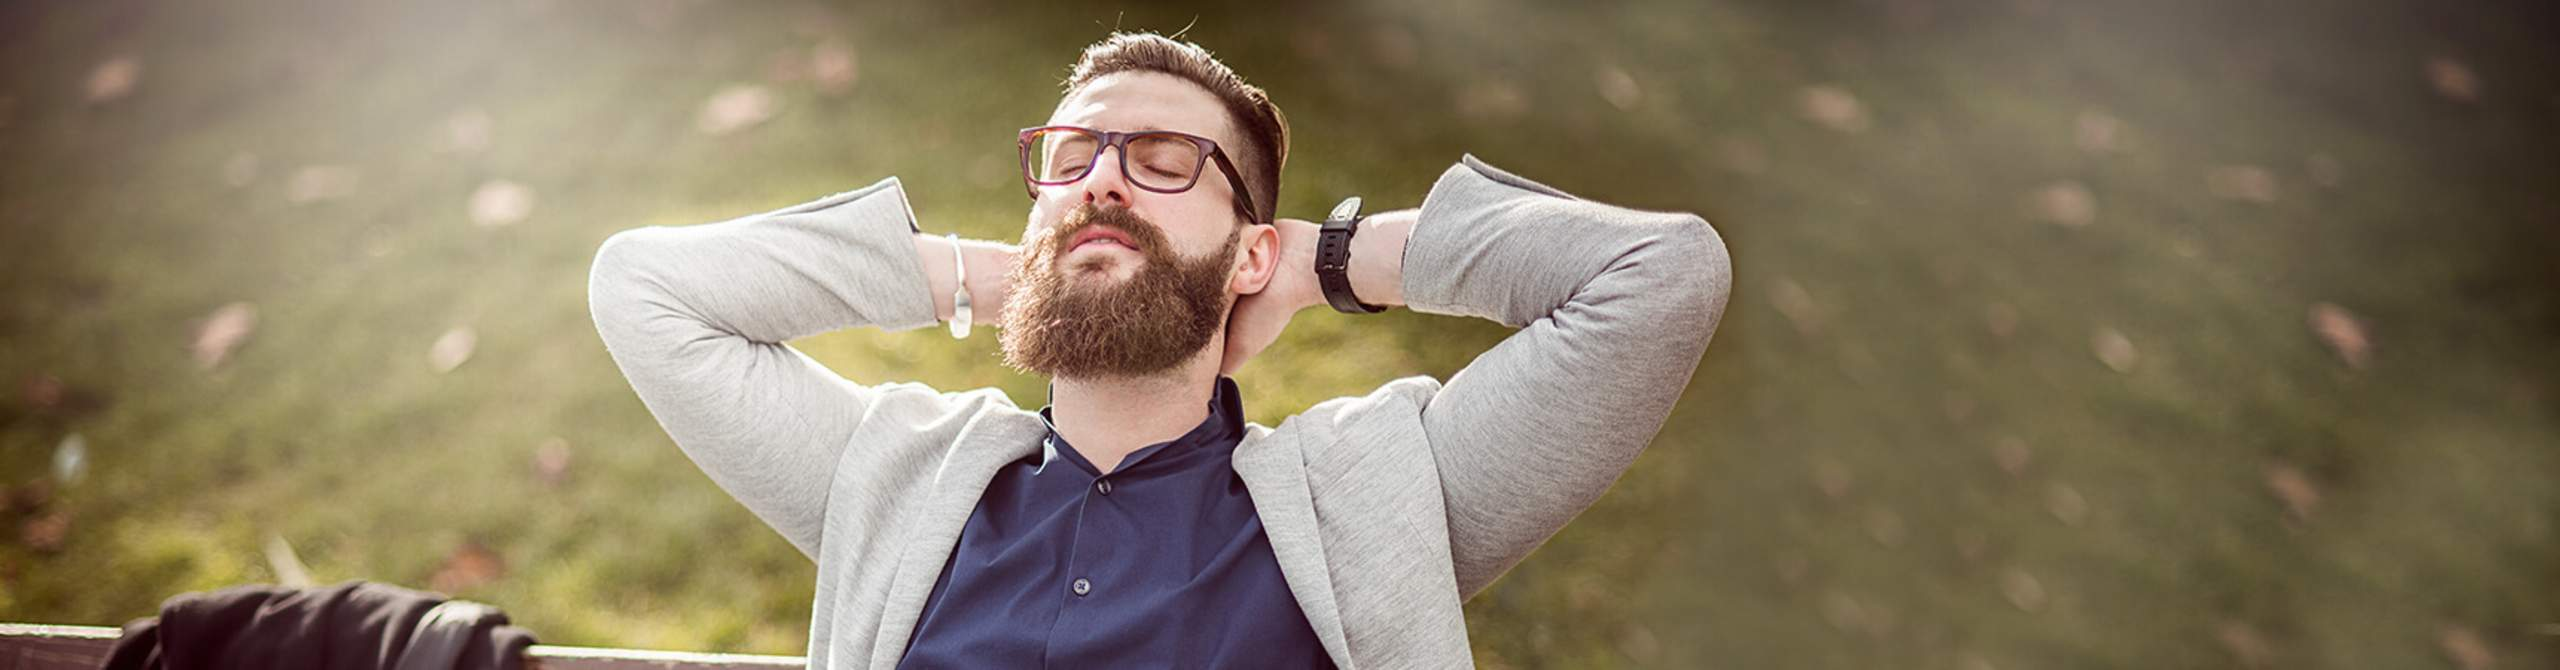 Mann sitzt mit geschlossenen Augen auf einer Parkbank und lehnt sich entspannt zurück.